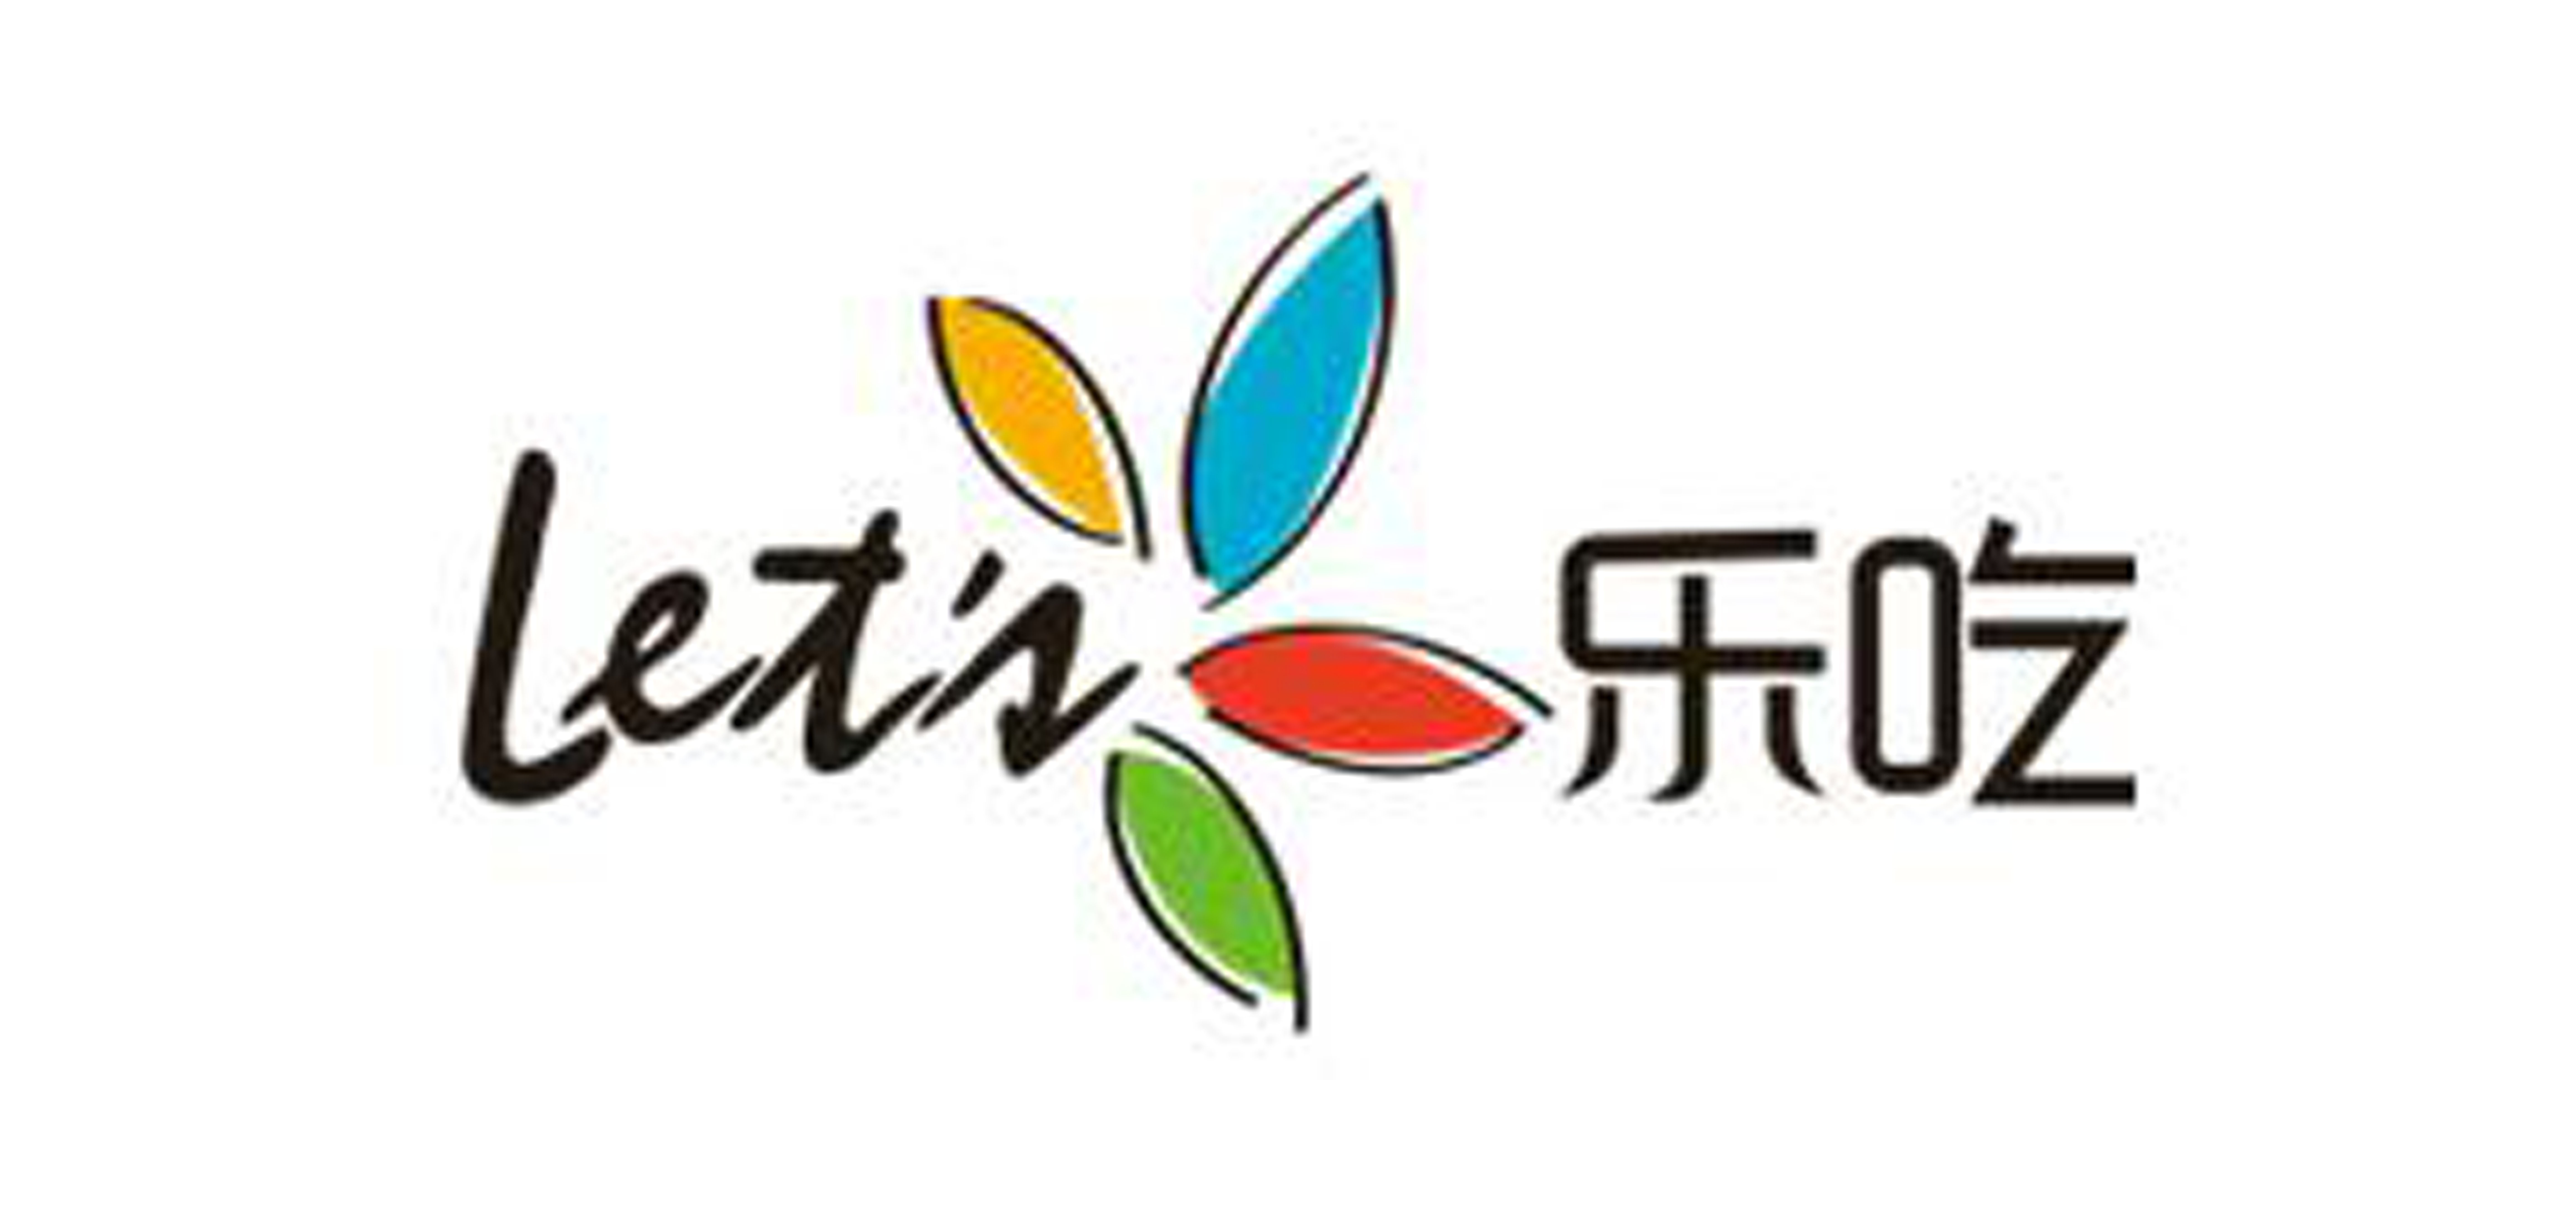 LETI是什么牌子_乐吃品牌怎么样?